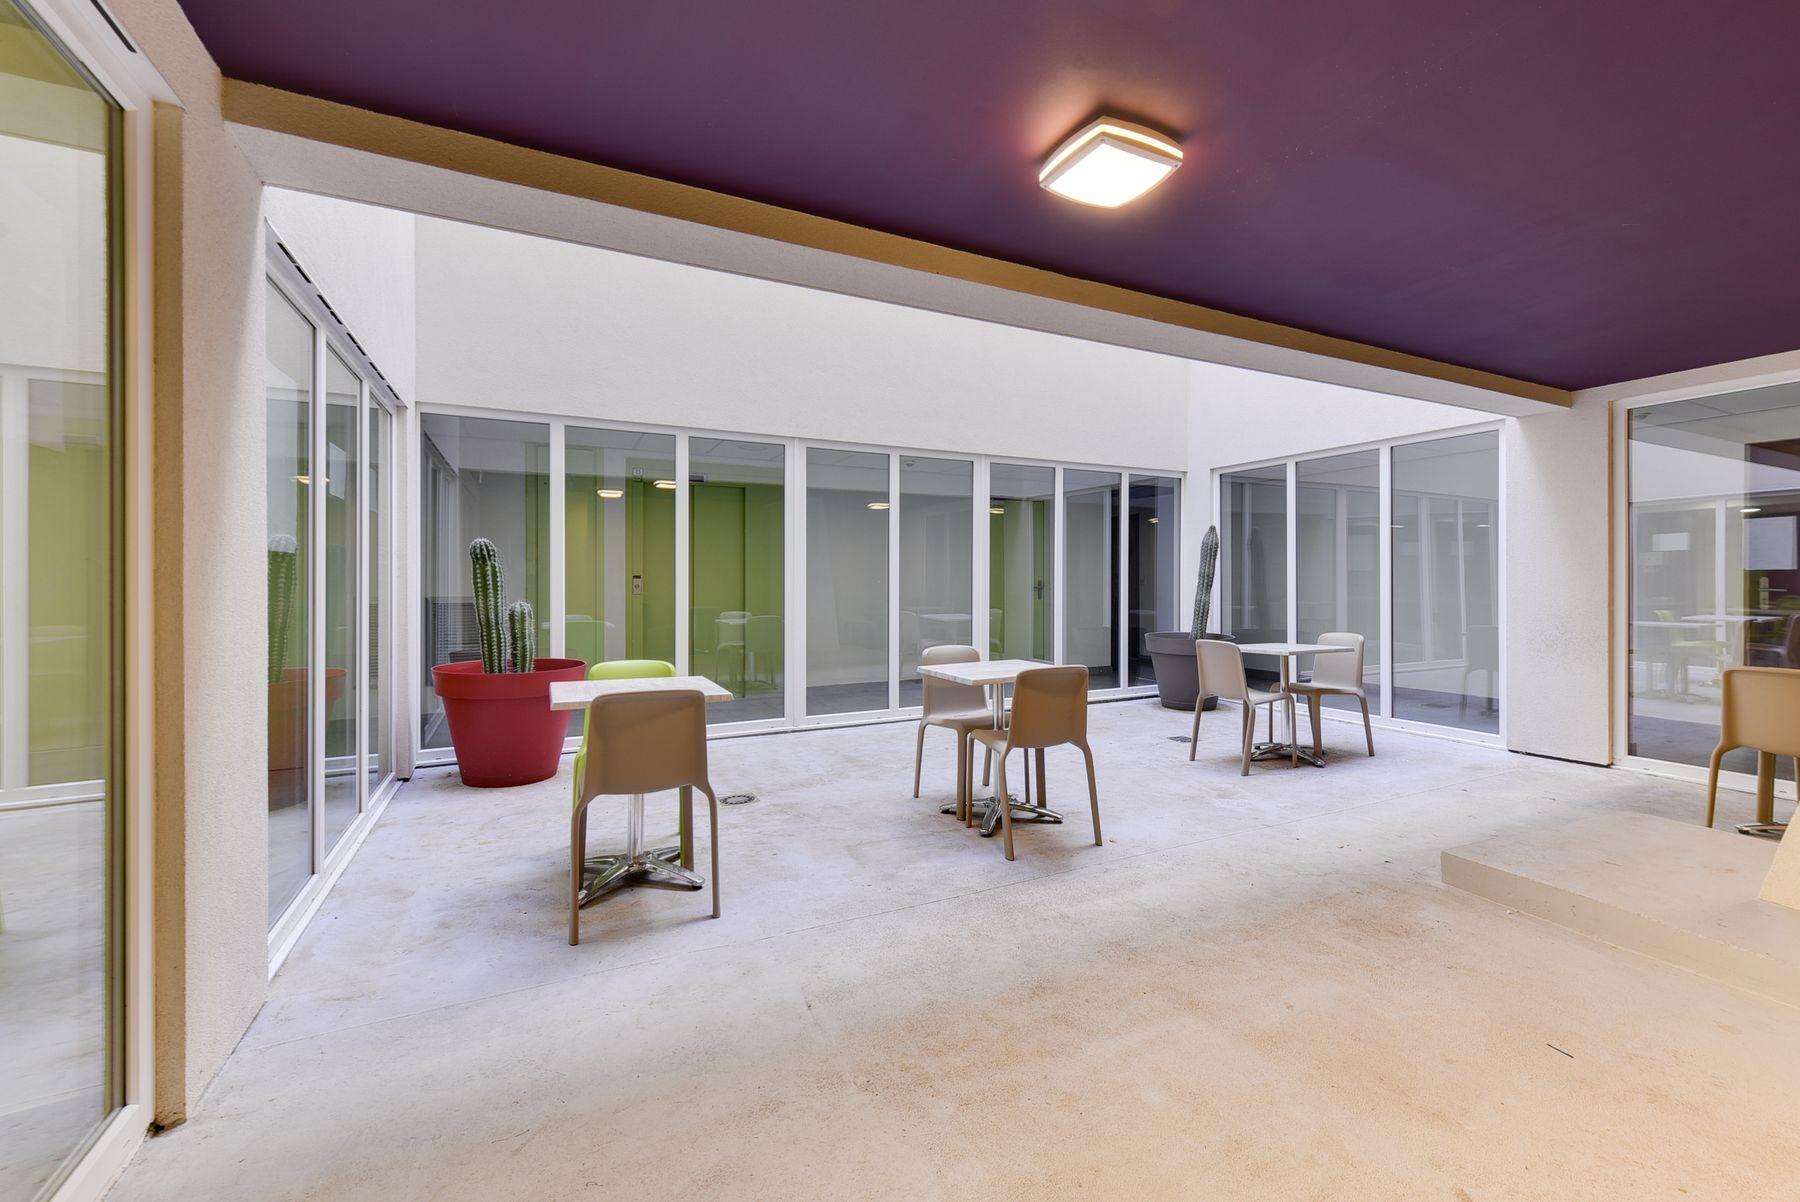 LOGIFAC résidence étudiante Le Conservatoire Perpignan espaces communs